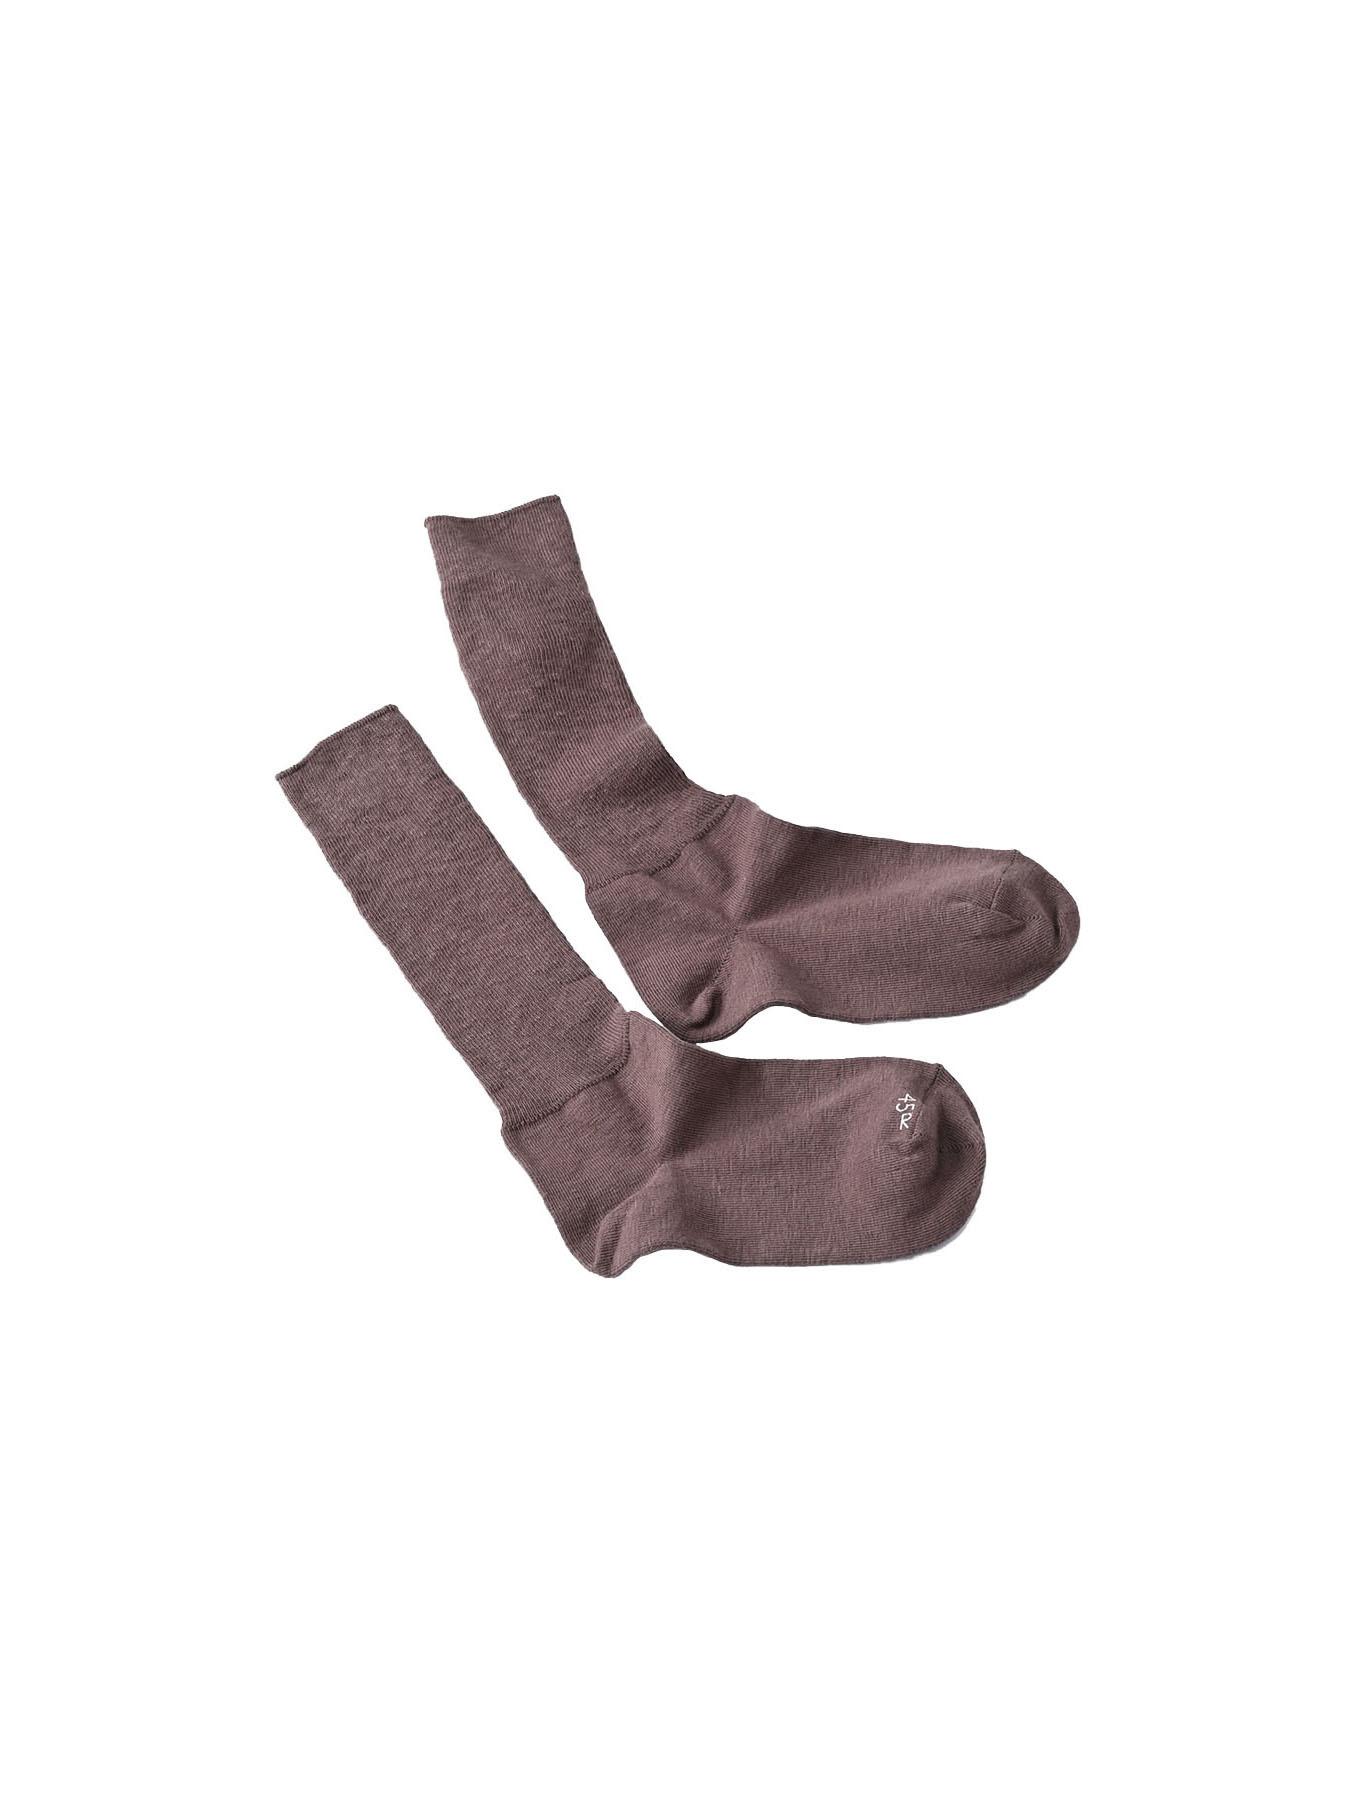 Piece-dyed 45 Star Socks-4